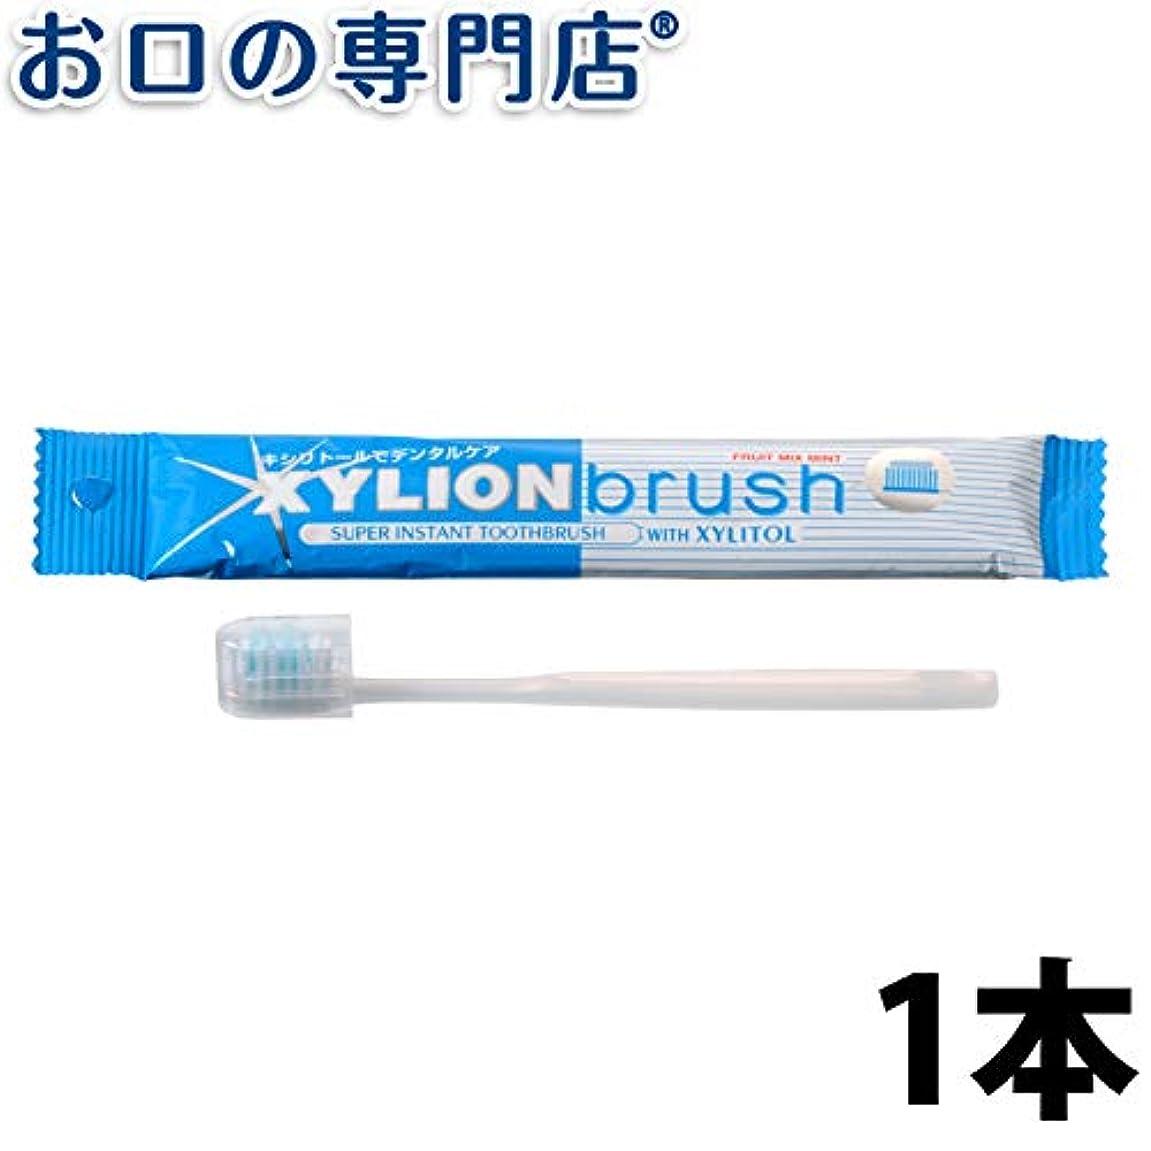 粘性の忠実なシャツキシリオンブラシ XYLION brush 1本